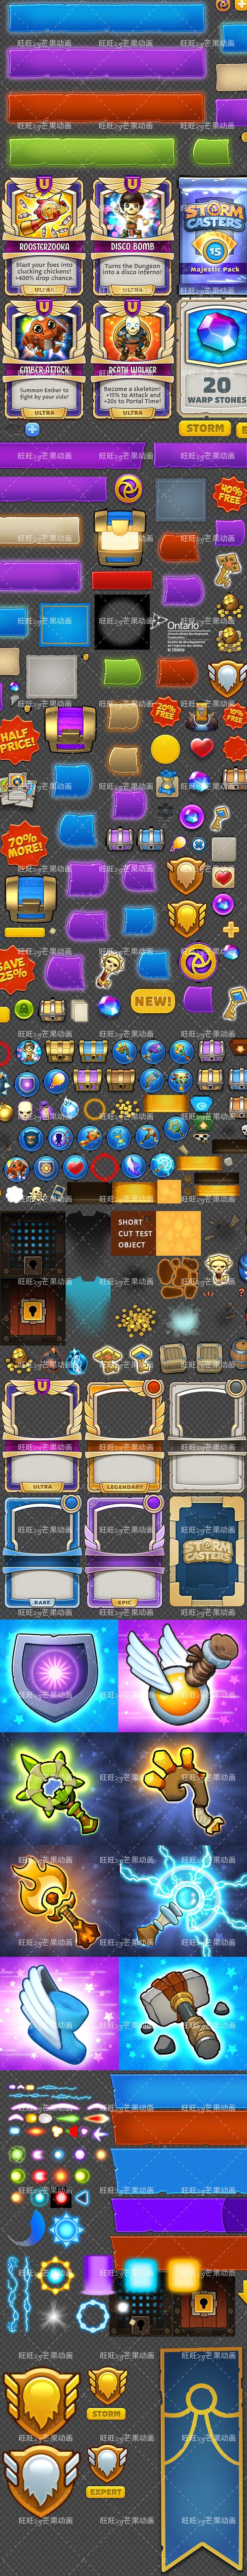 游戏美术资源/欧美Q版地牢手游 UI场景 icon图标 界面 人物 音效-淘宝网全球站